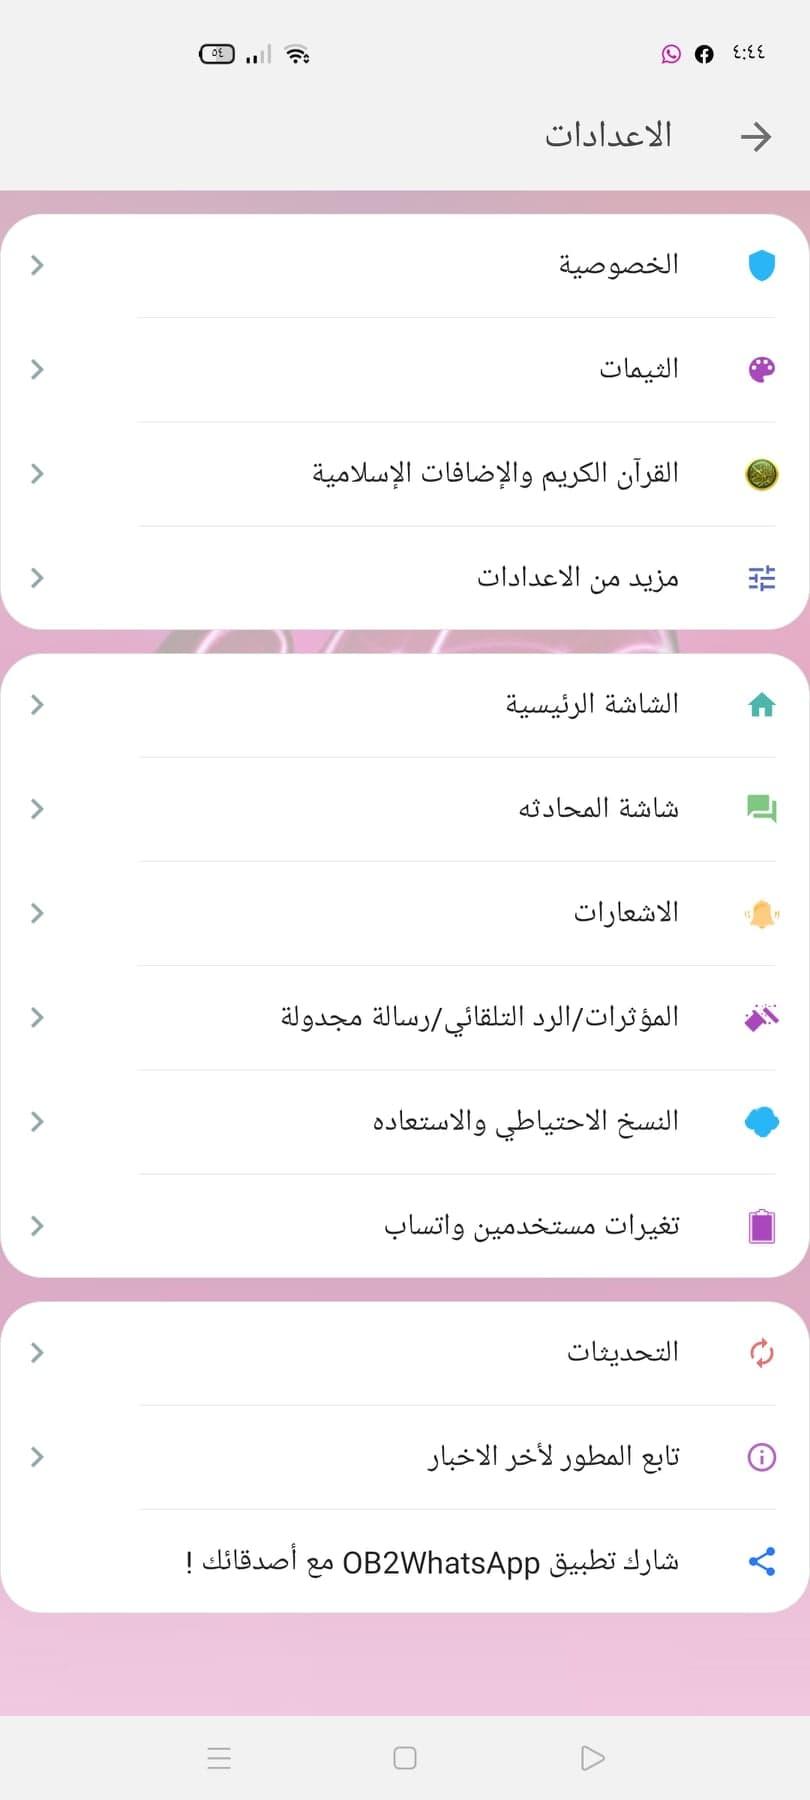 واتساب عمر الوردي 3 واتساب عمر الوردي Obwhatsapp جميع النسخ اخر اصدار 2020 مجانًا للاندرويد